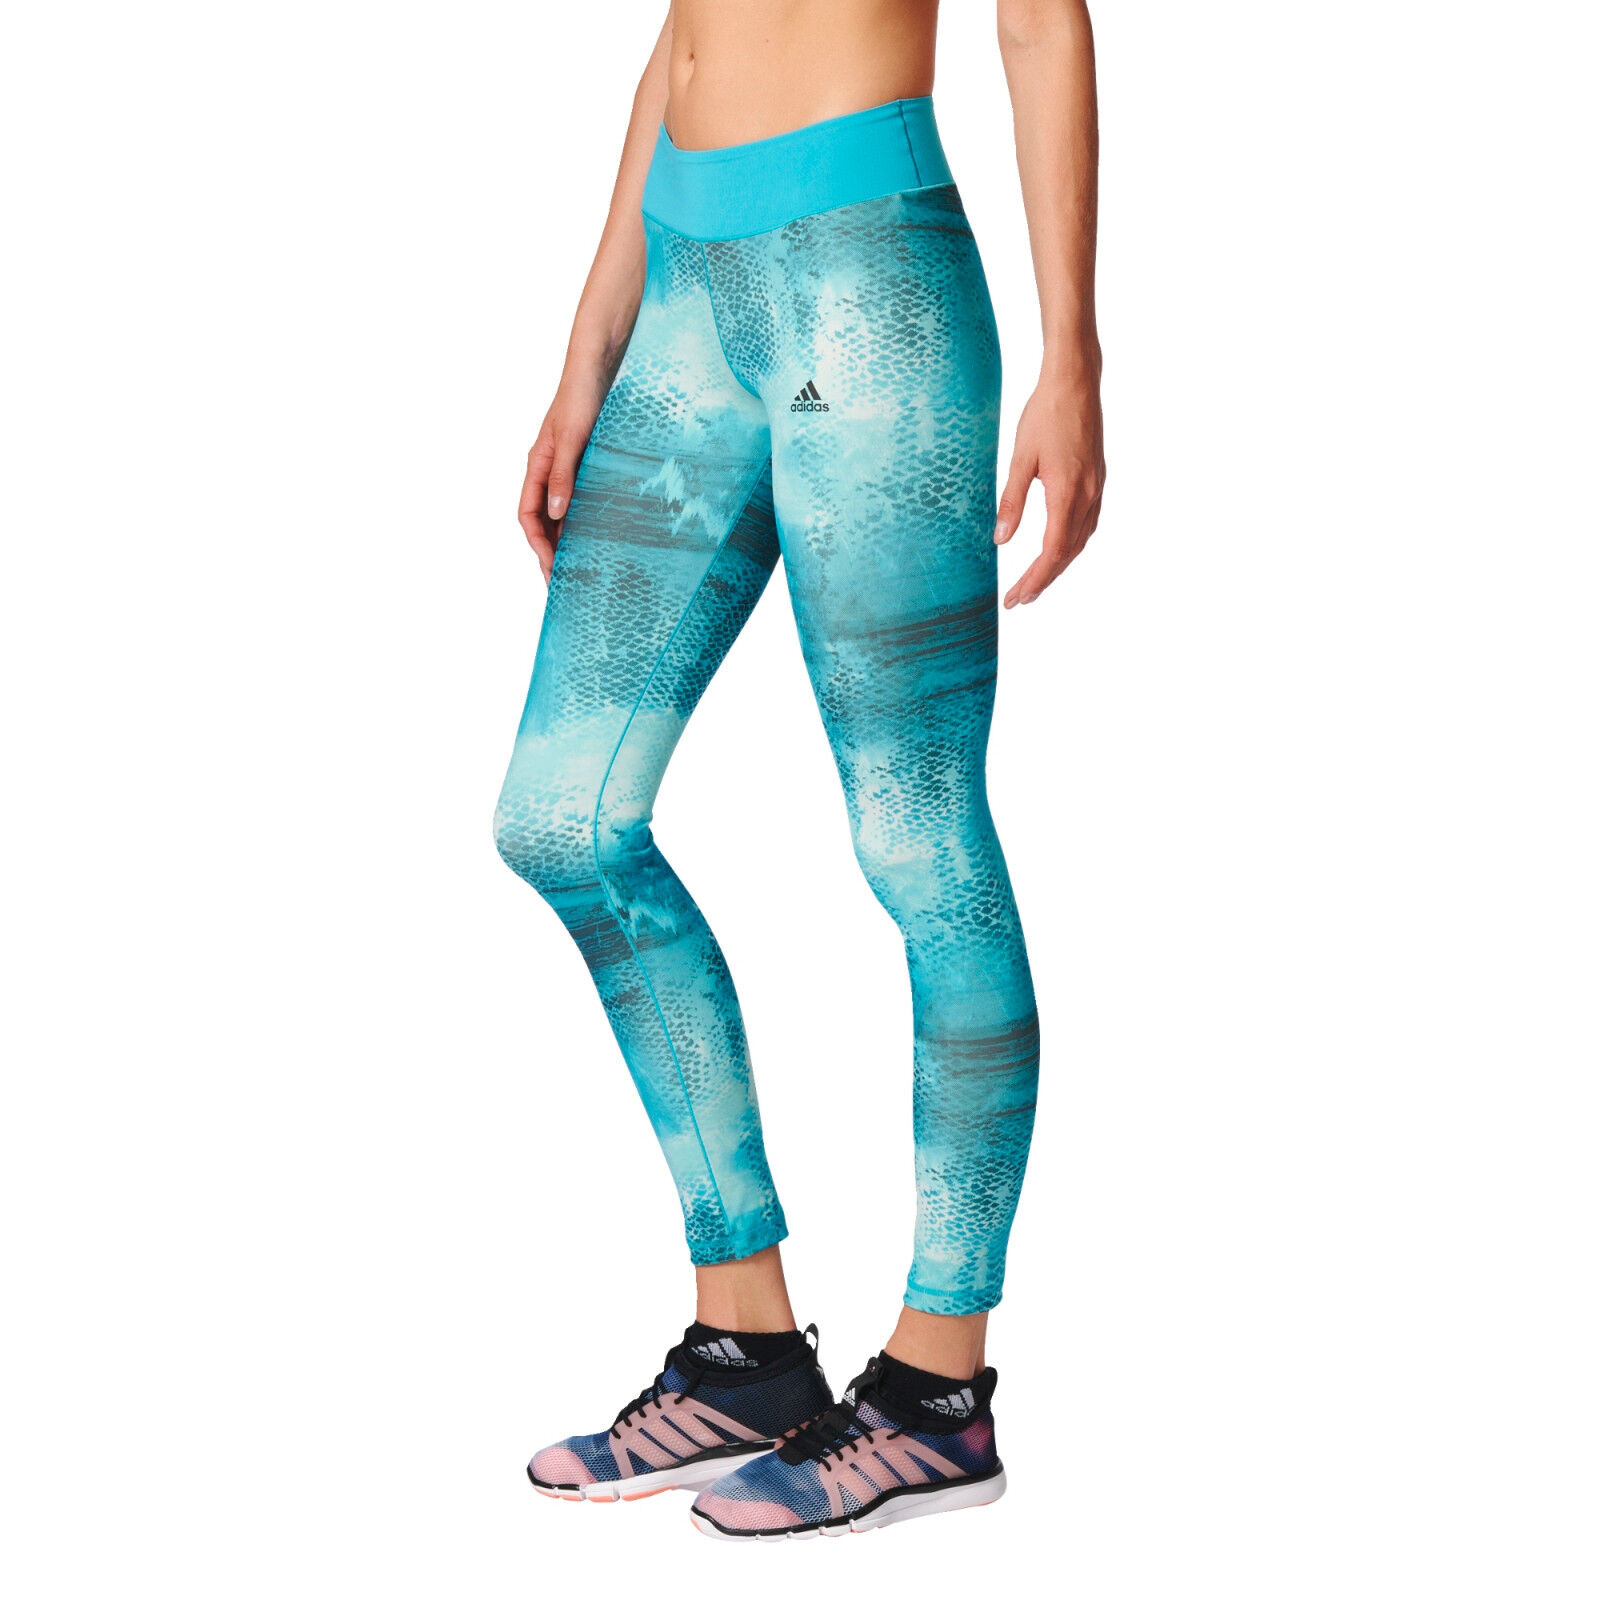 Adidas  Femme Collants Ultimate long entraînement Yoga course GYM sport NOUVEAU  wholesale store